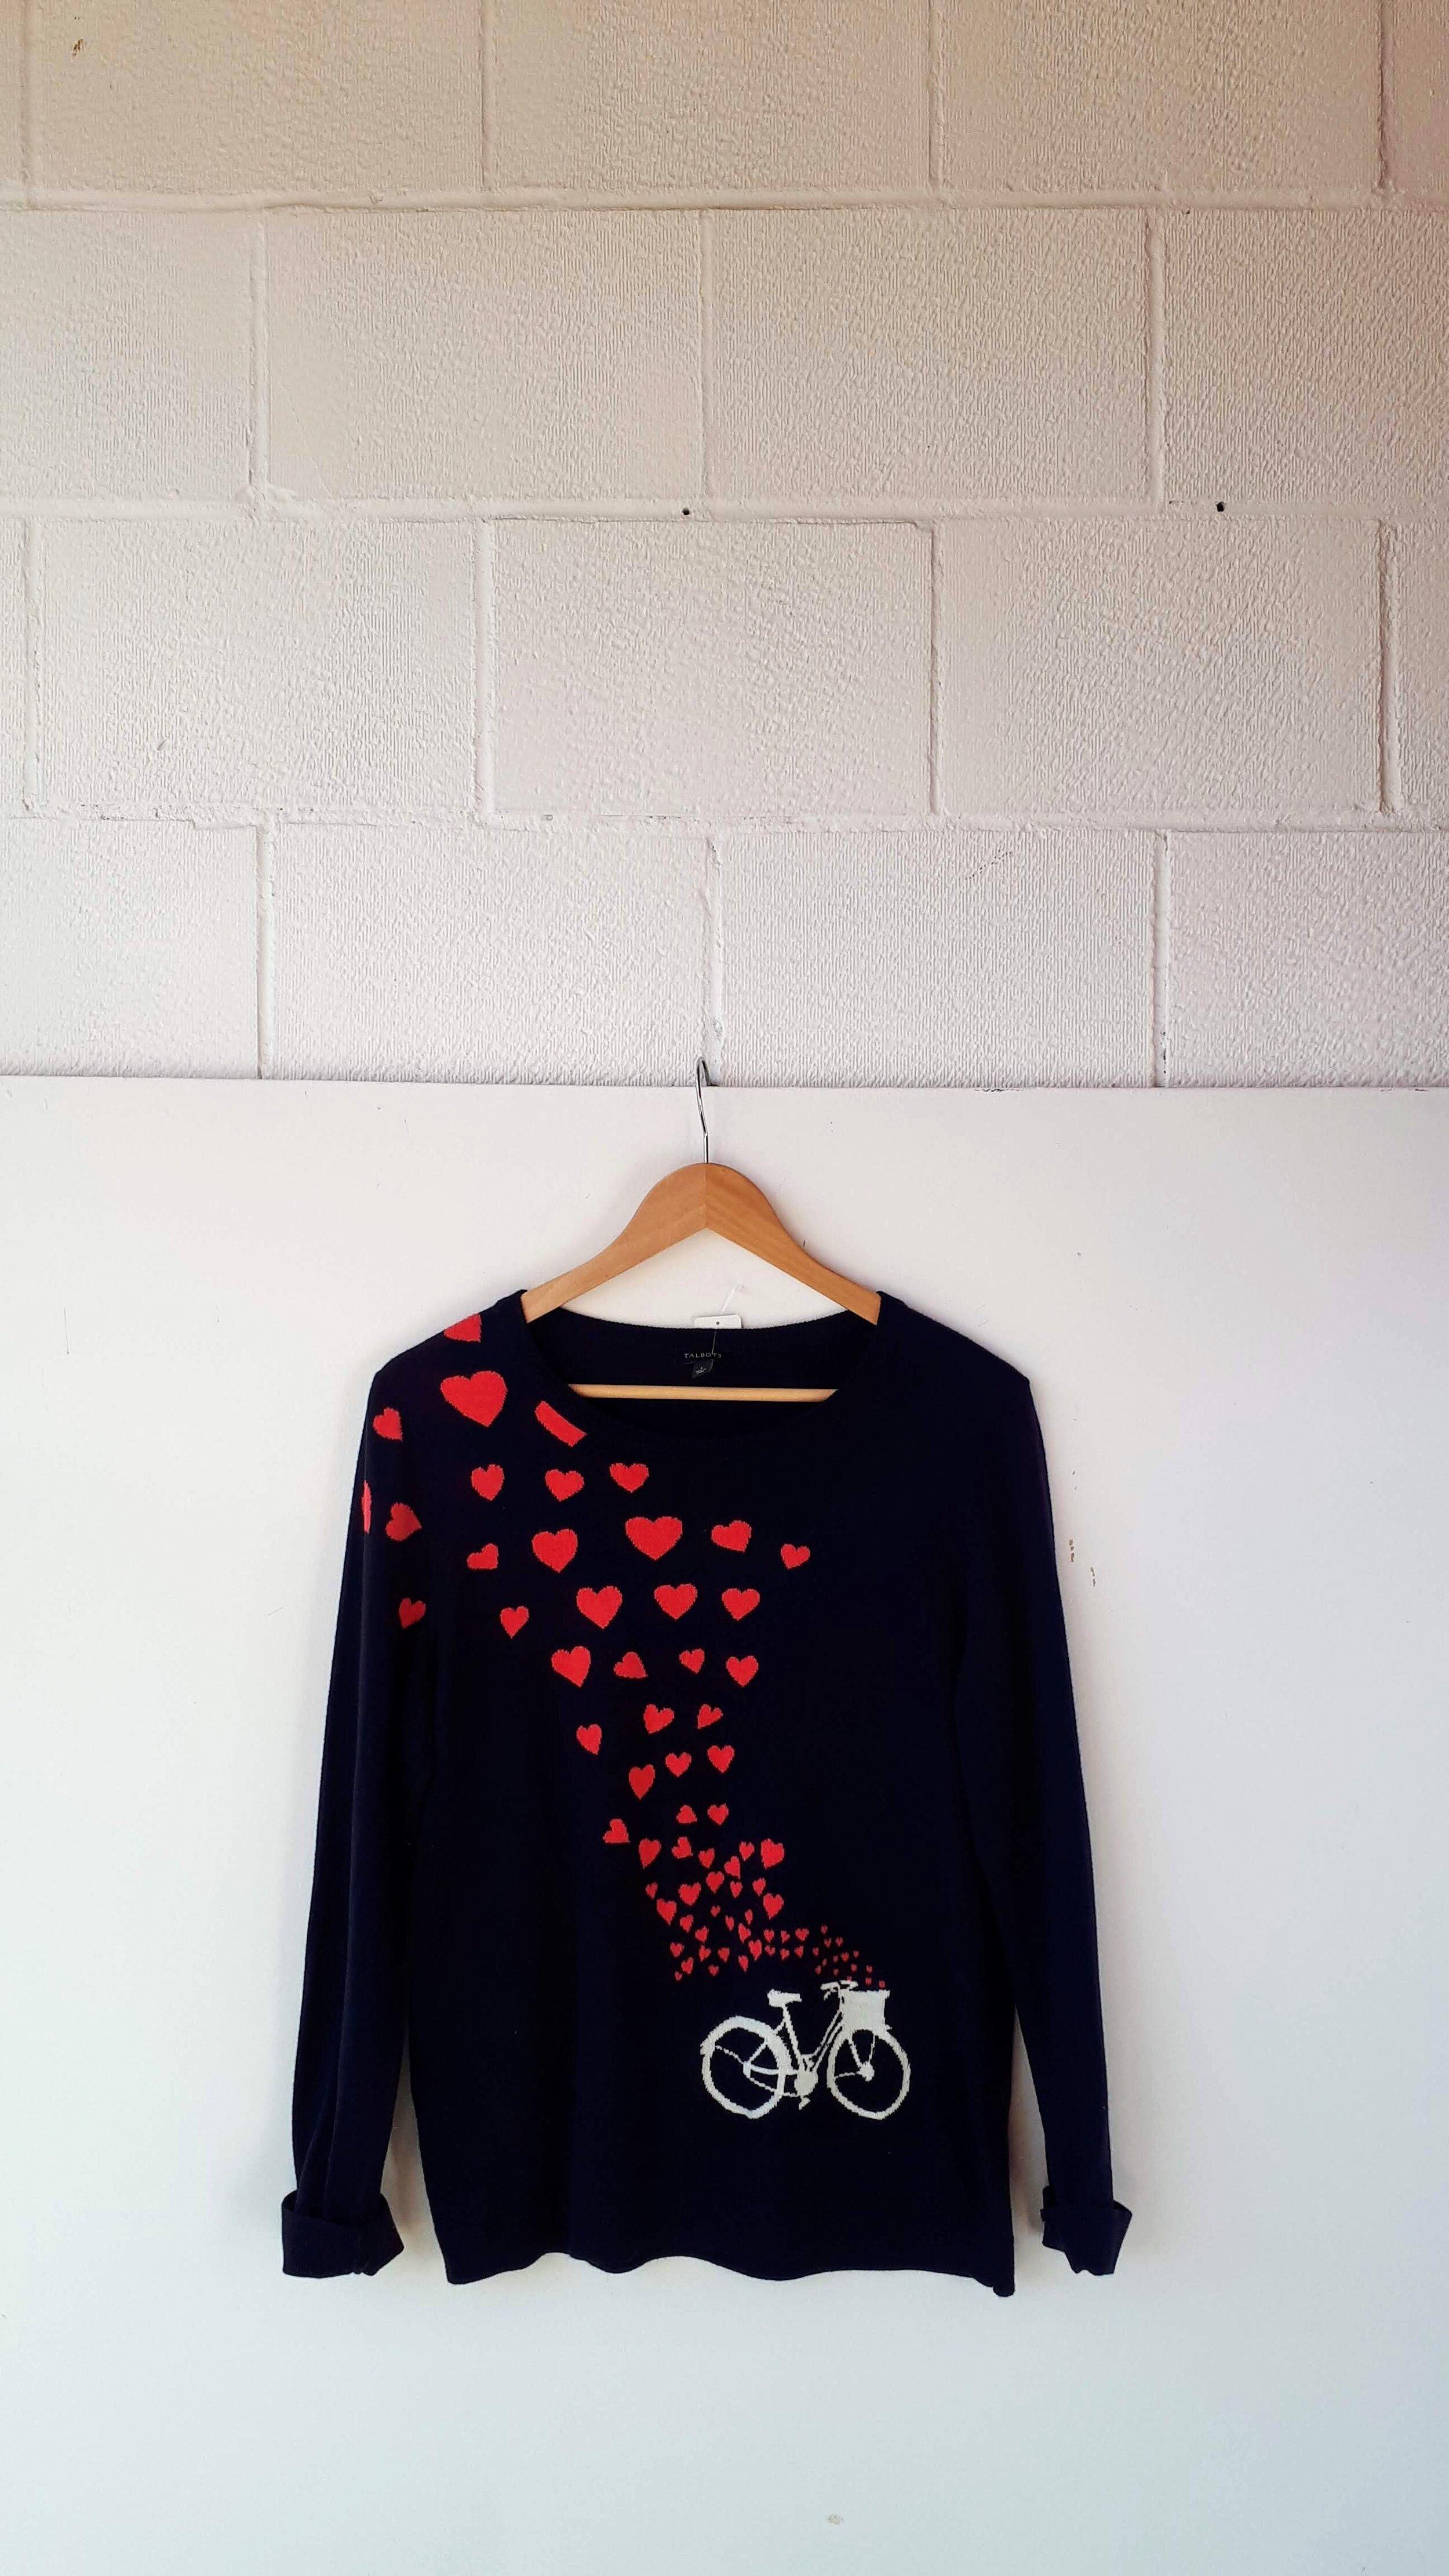 Talbots sweater; Size M/L, $32